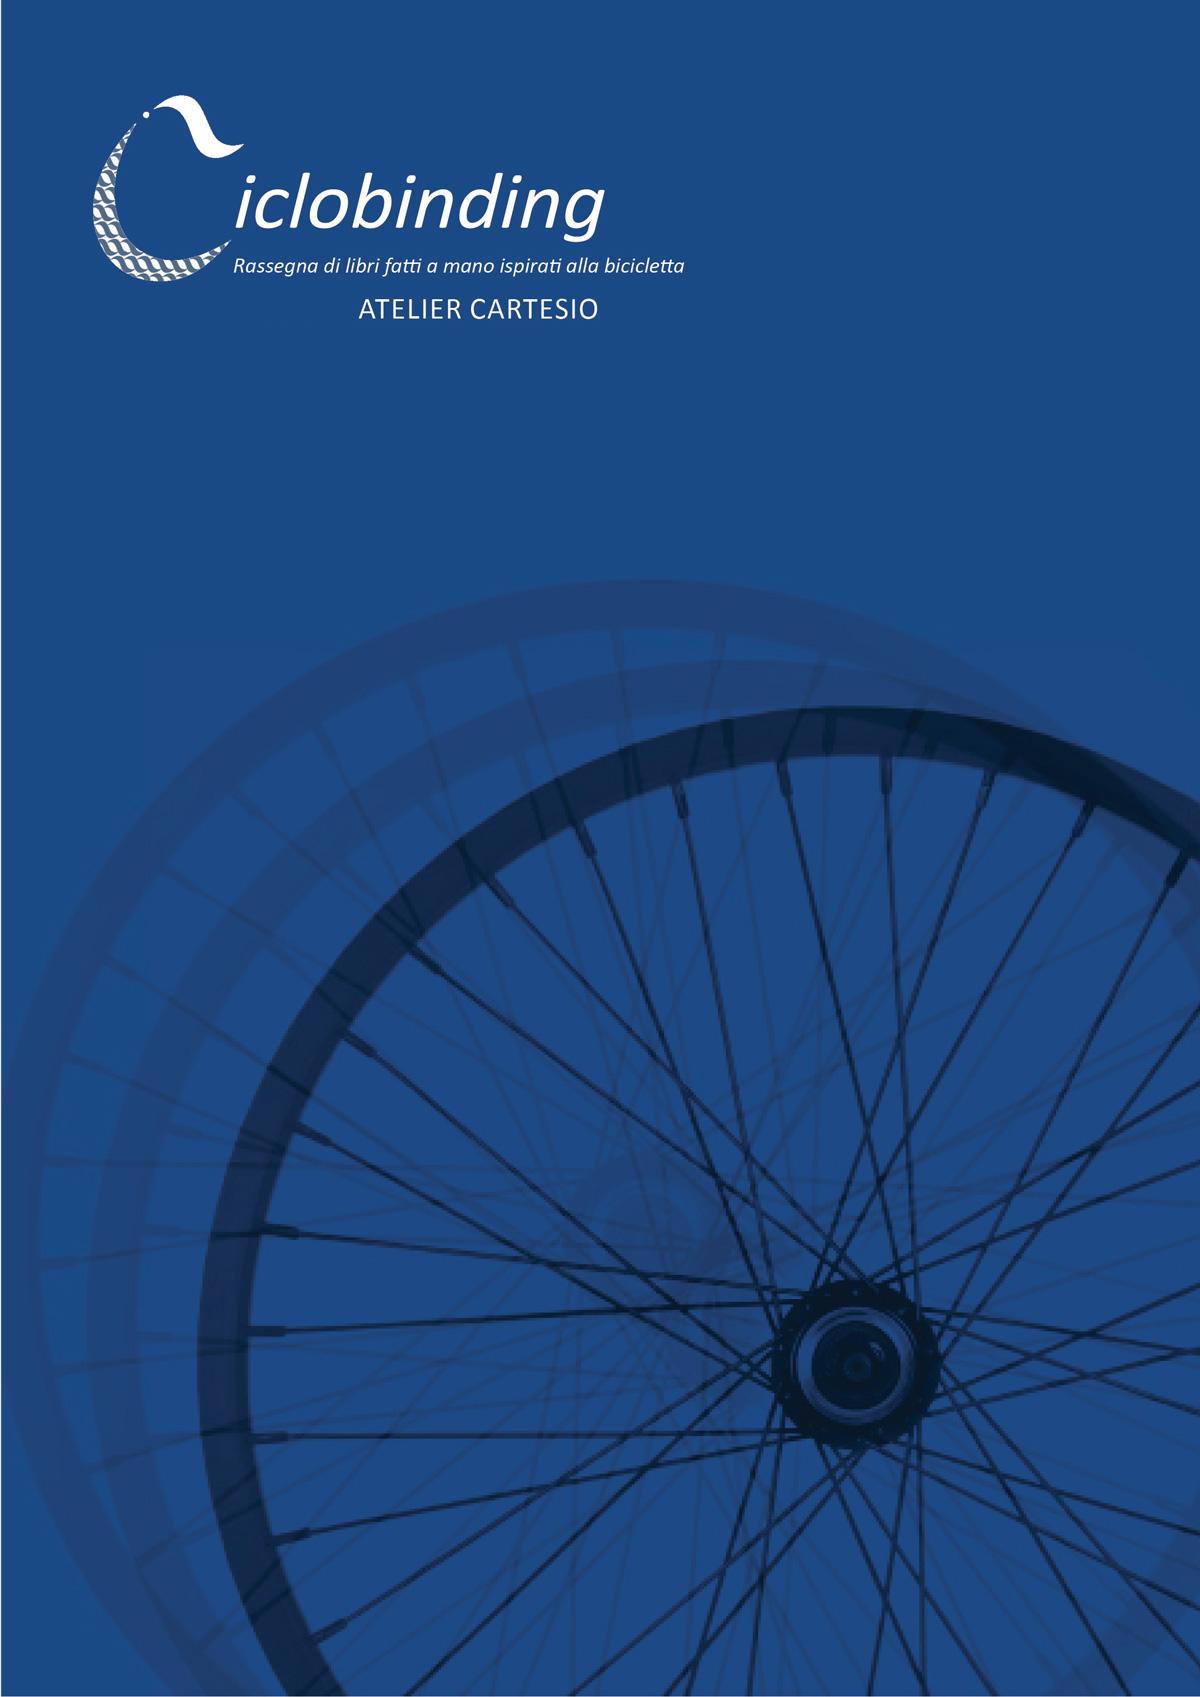 Ciclobinding - Rassegna di libri fatti a mano ispirati alla bicicletta